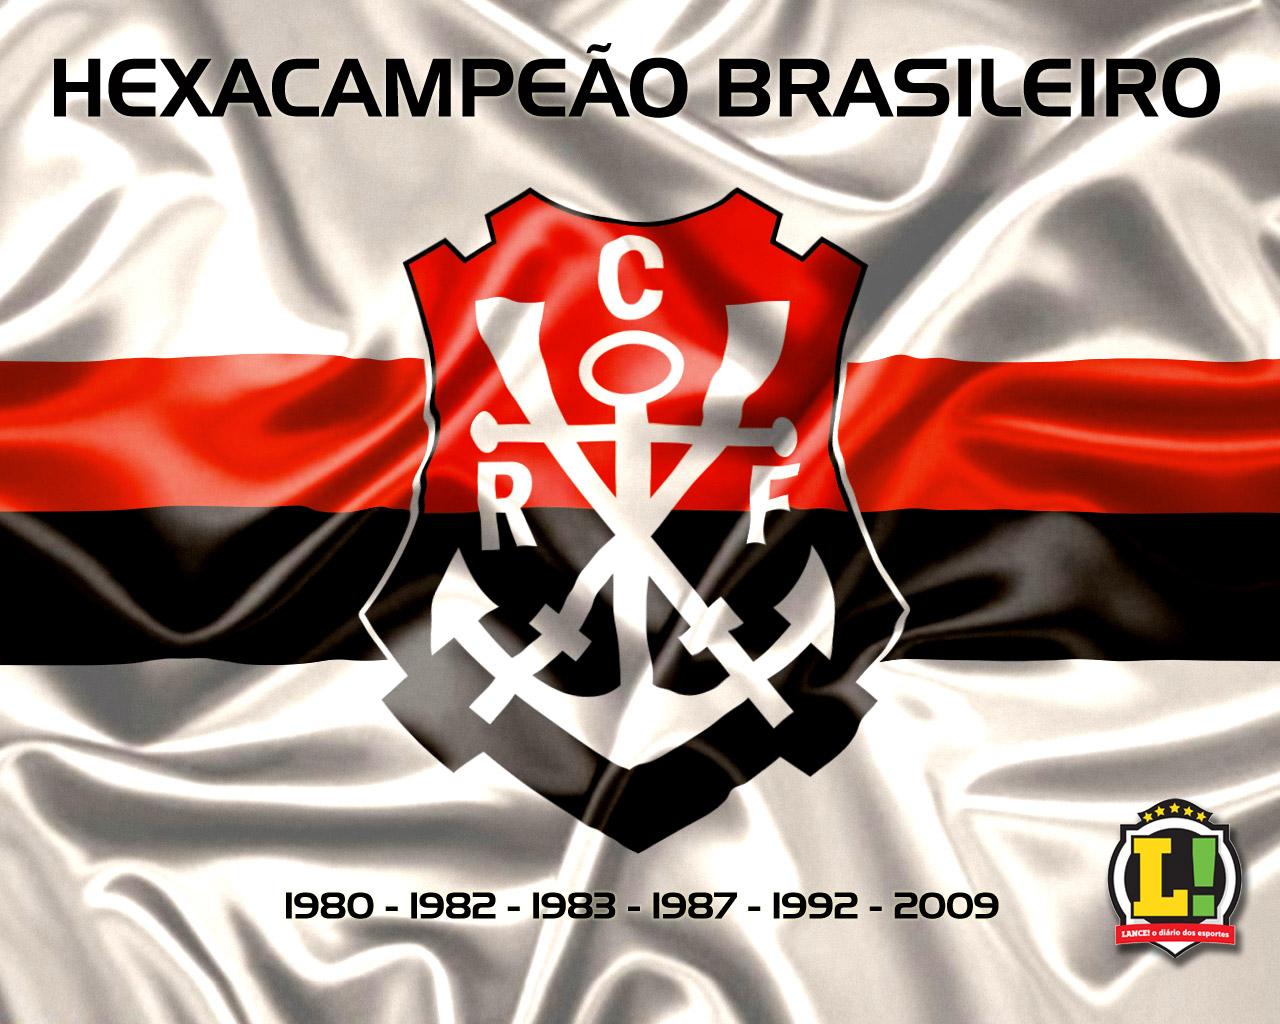 imagens para celular flamengo - Papéis de parede do Flamengo PC e Celular PortalPower